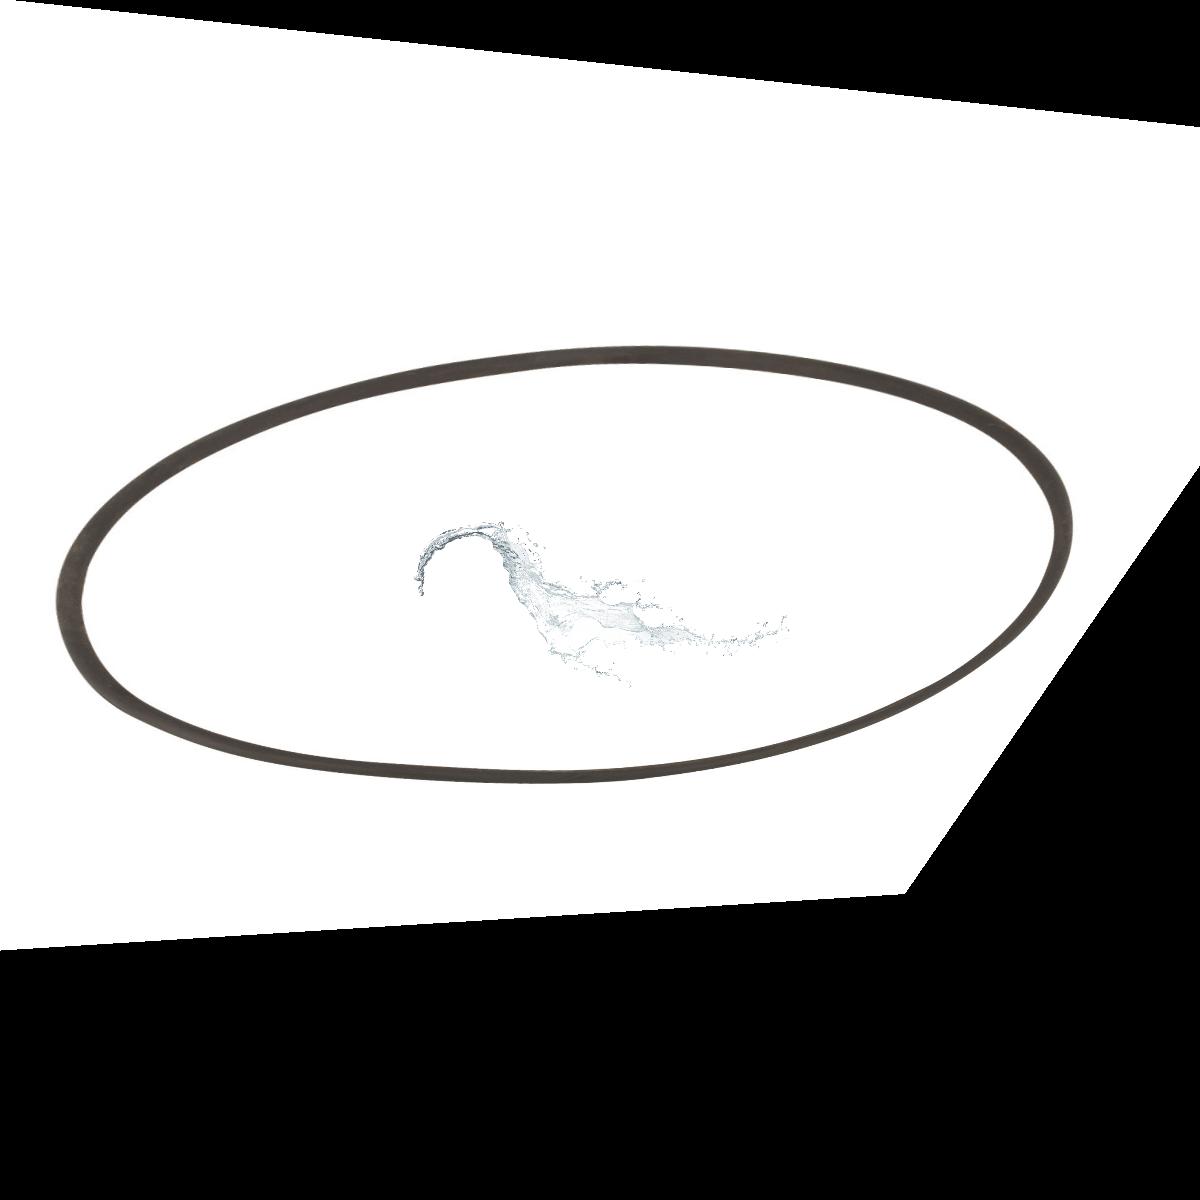 Прокладка-кольцо люка смотрового фильтра SSB Kripsol RSS120.R/ R1202120.4 (R3000202)